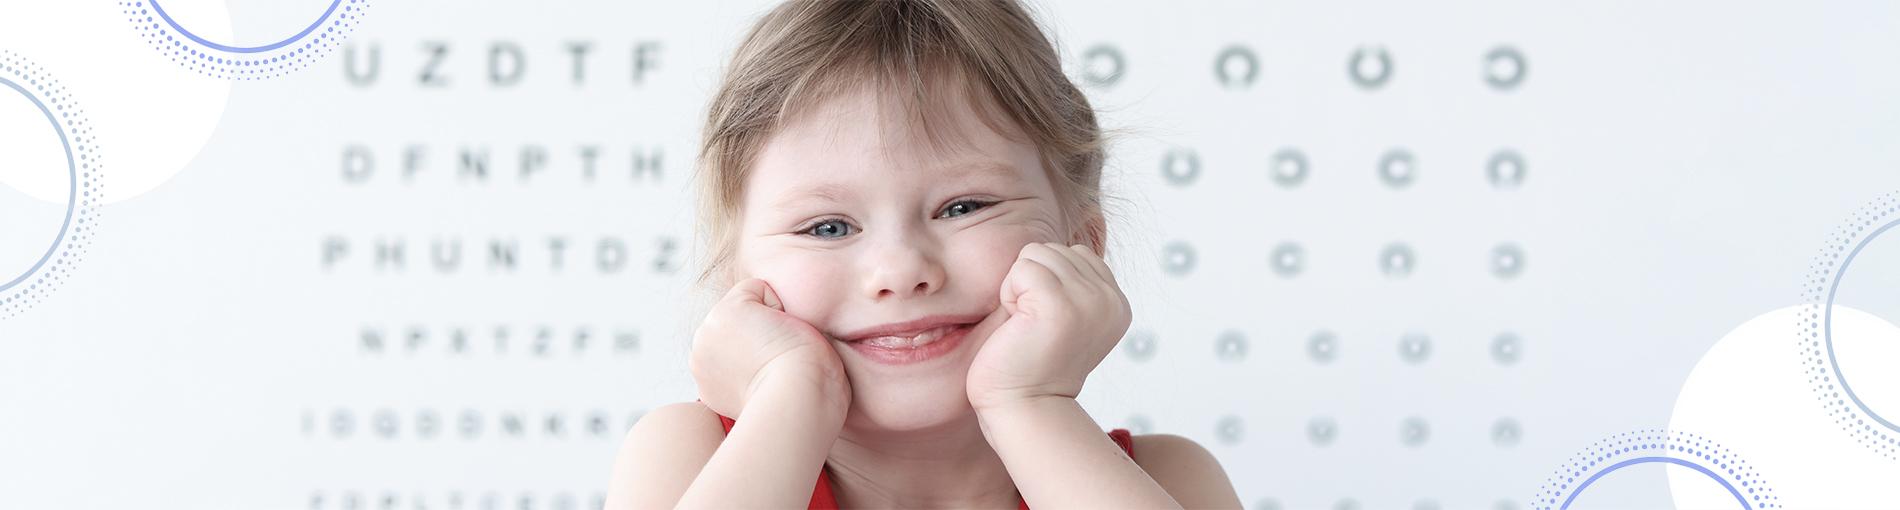 ד״ר רונית פרילינג מרפאת עיניים ילדים ילדה מחייכת בדיקת עיניים